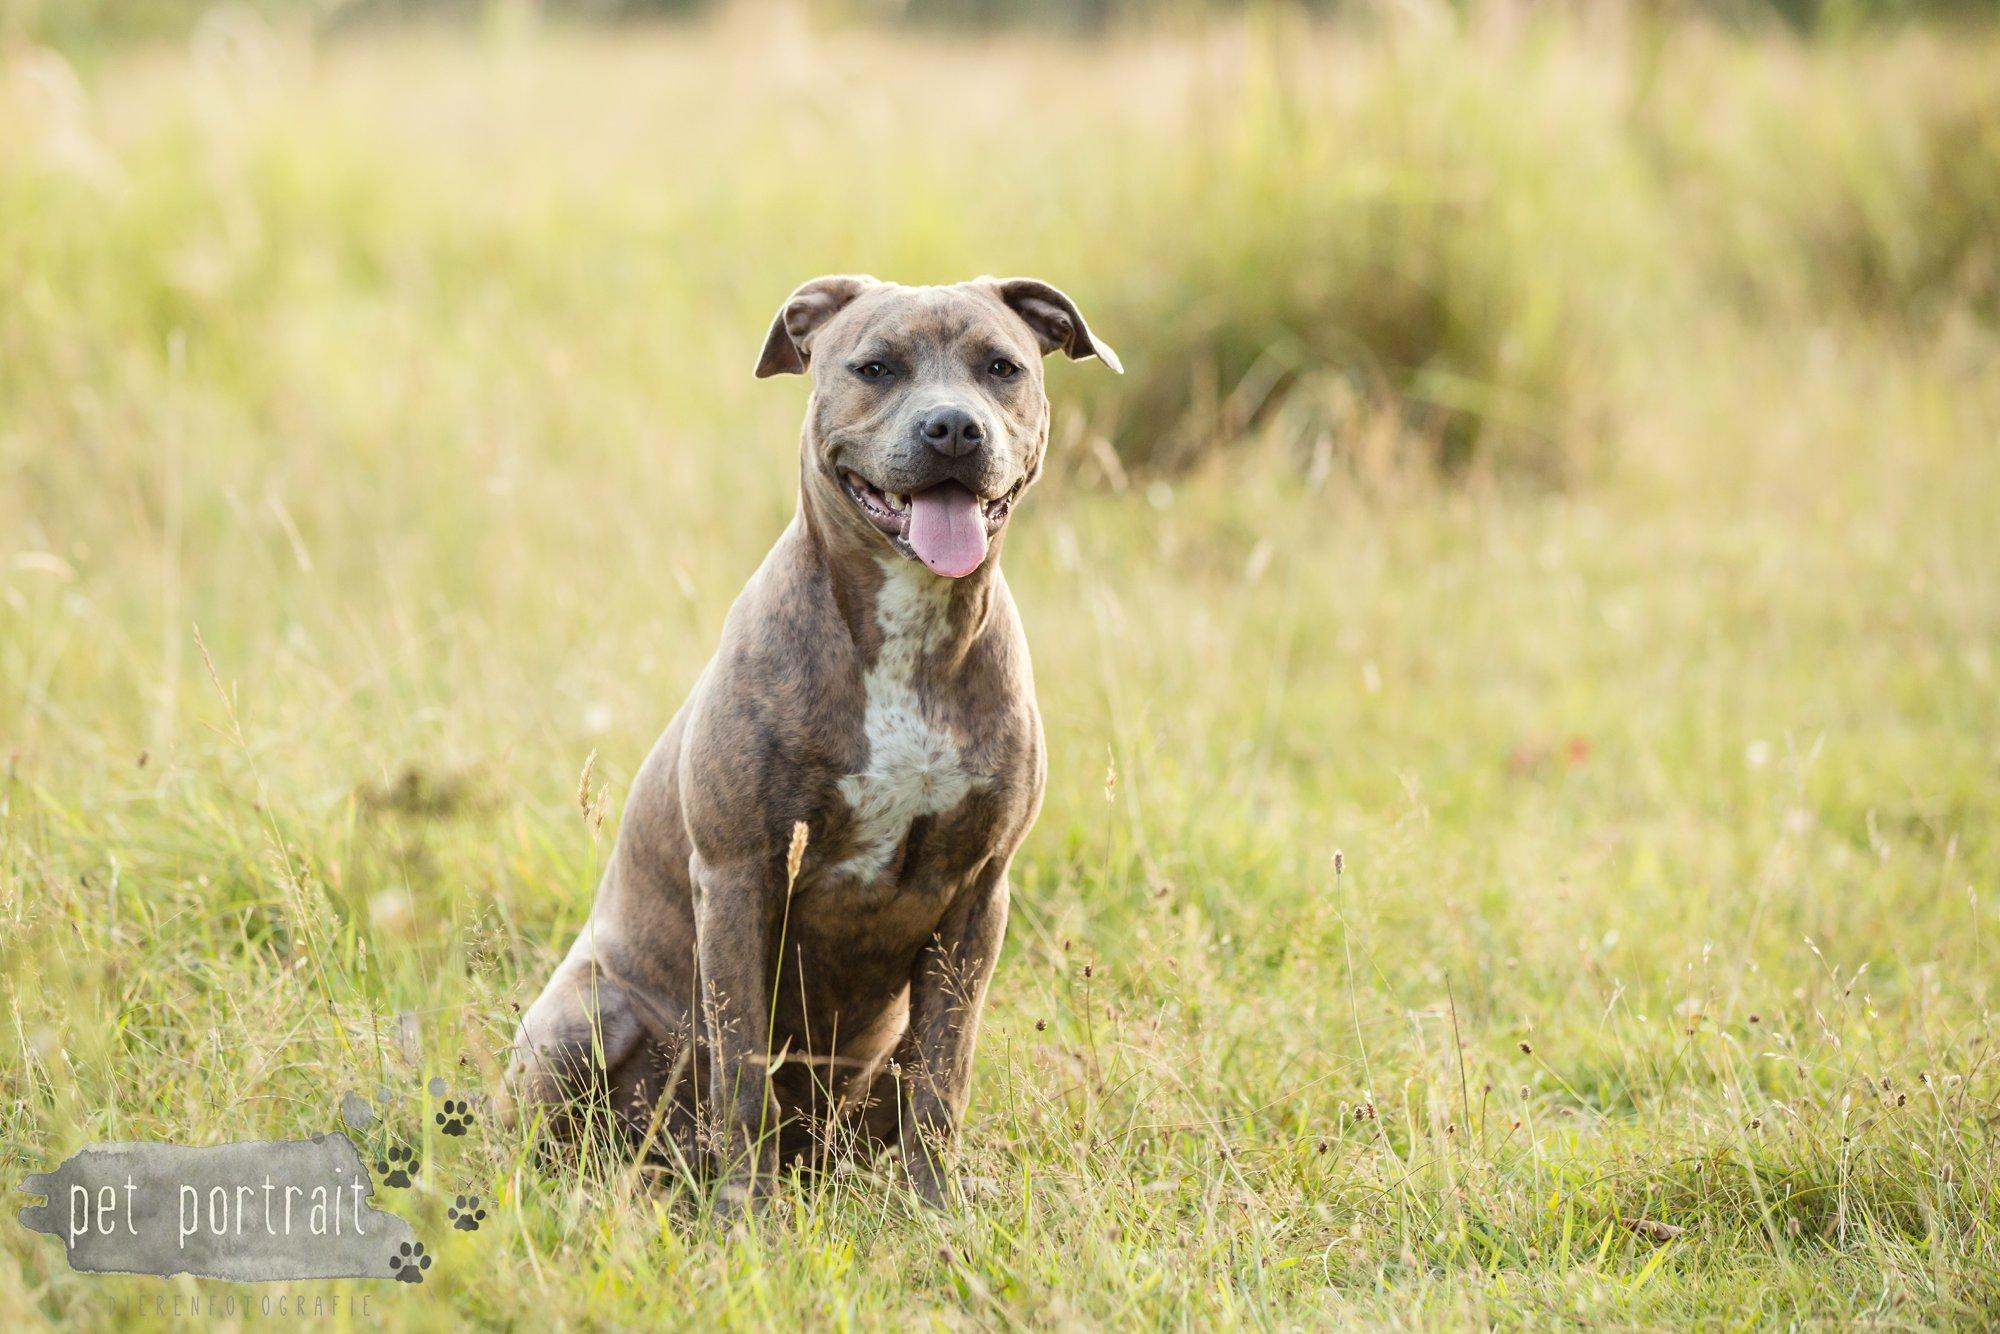 hondenfotograaf-noordwijkerhout-dier-en-baasje-fotoshoot-in-de-duinen-15